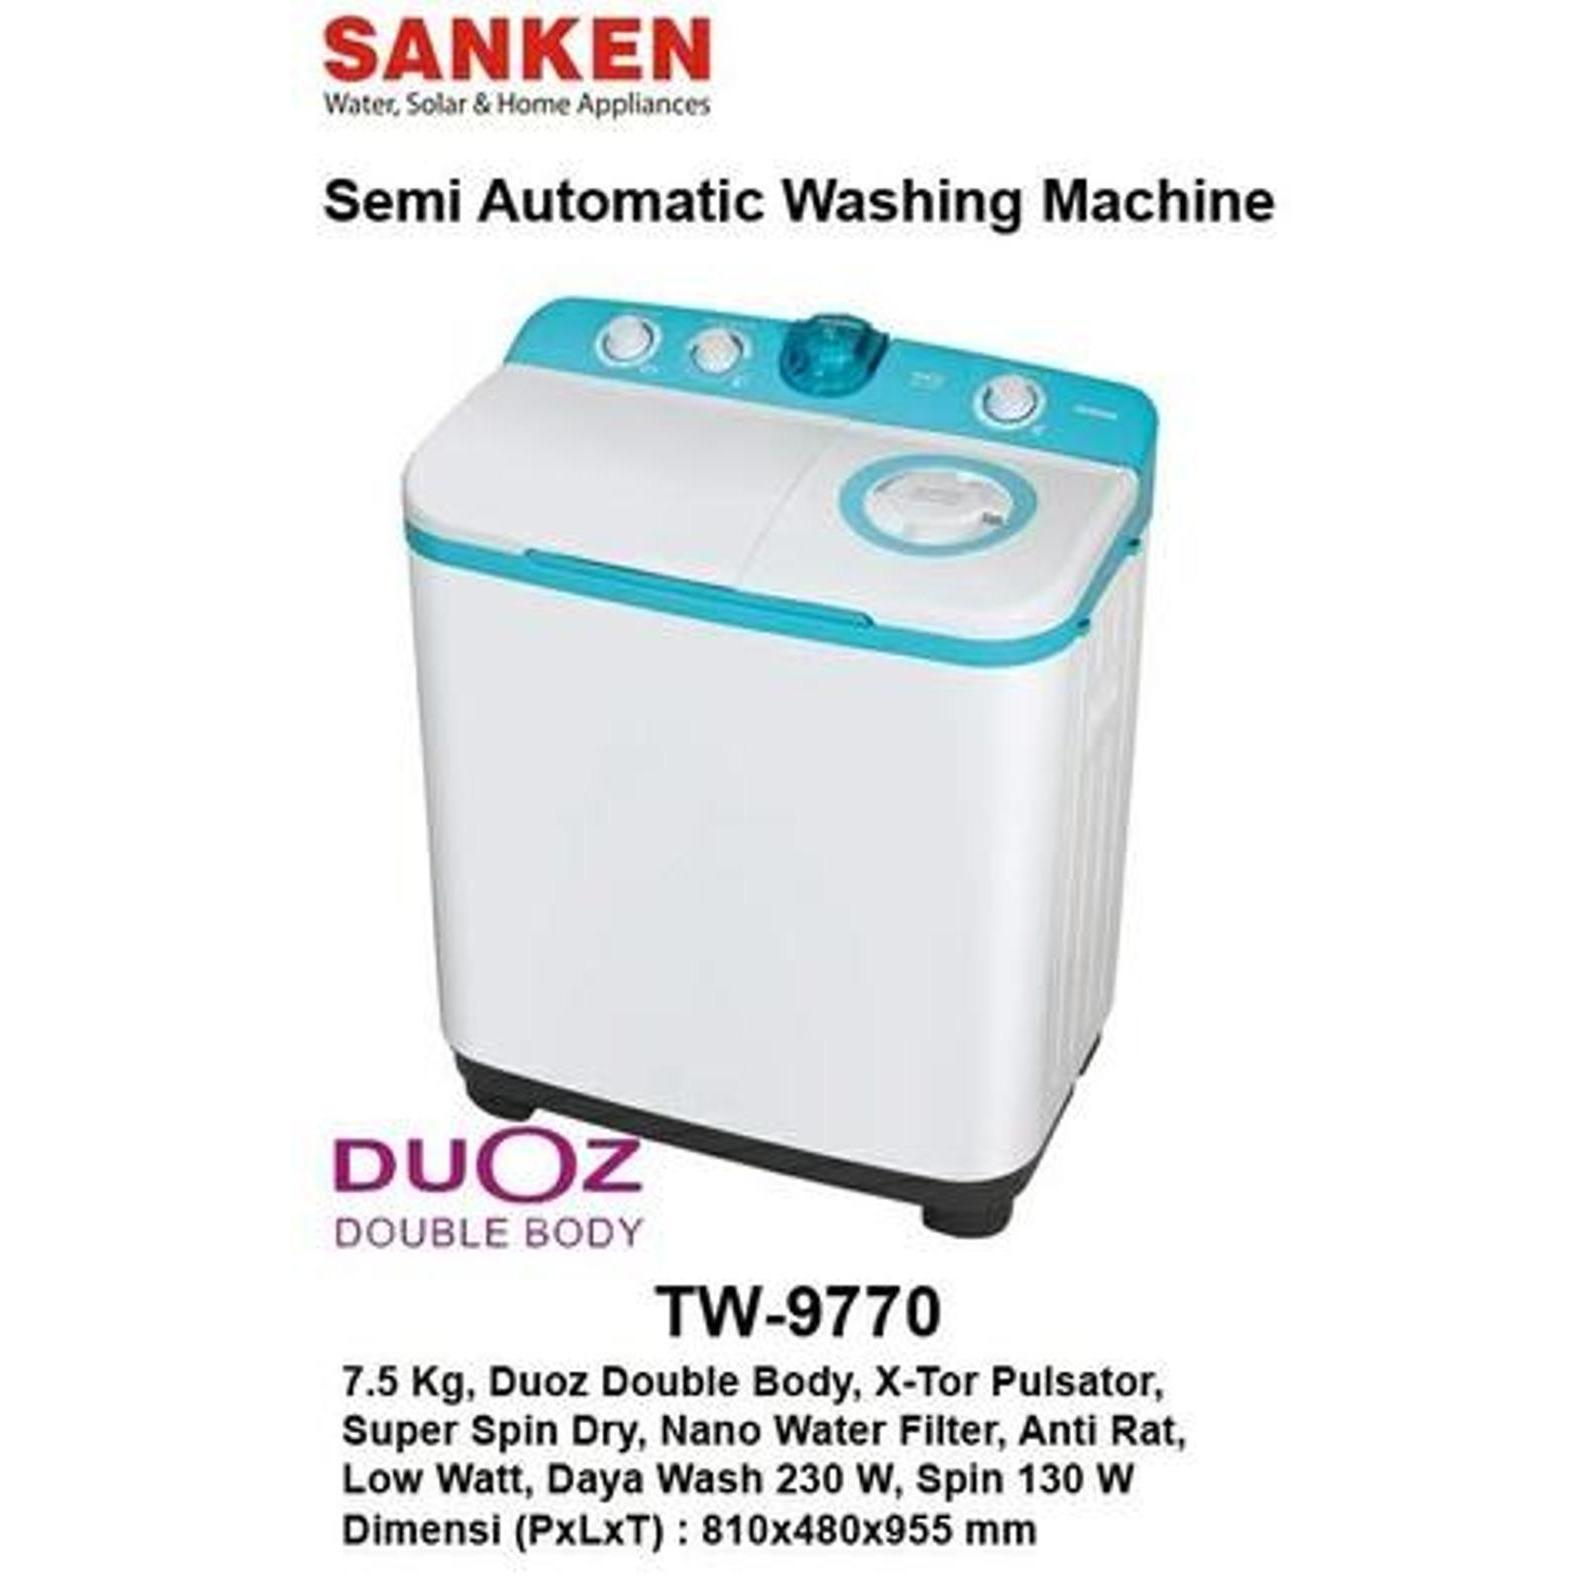 Lg Mesin Cuci Twin Tub P850r Abu Khusus Jadetabek Daftar Harga 1 Tabung Top Loading Wfl100tc 10kg Putih Sanken Tw9770mr